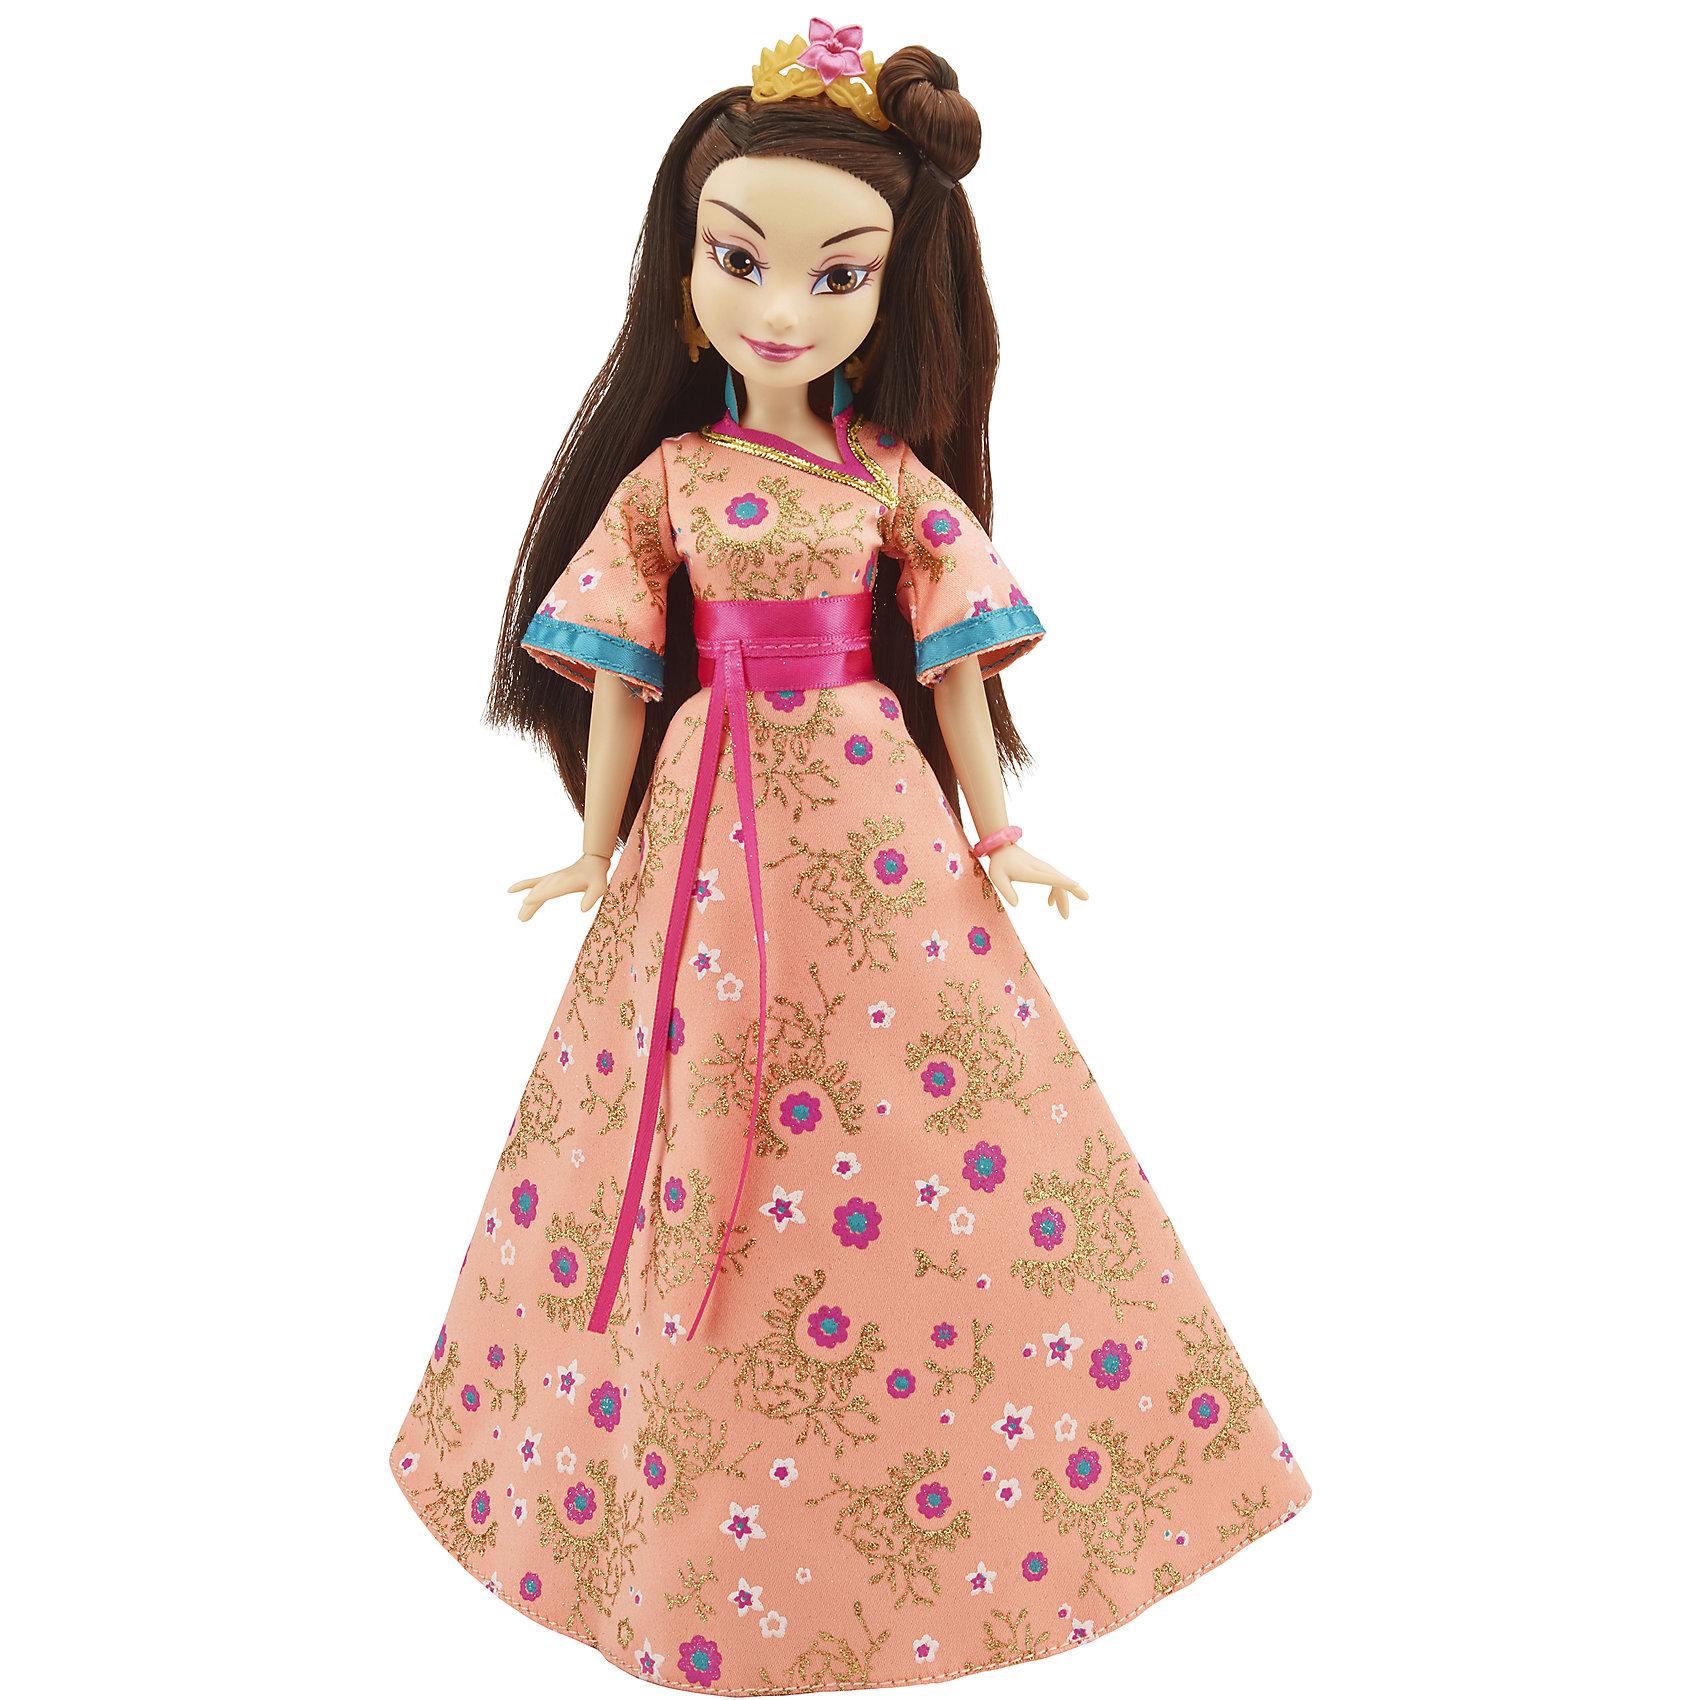 Кукла Лони, светлые герои в платьях для коронации, Наследники, DisneyИгрушки<br>Светлые герои в платьях для коронации, Наследники, Disney, B3123/B3126.<br><br>Характеристики:<br><br>- В наборе: 1 кукла в платье для коронации, диадема, браслет, сумочка, кольцо для девочки<br>- Высота куклы: 27,5 см.<br>- Материал: высококачественный пластик, текстиль<br><br>Замечательная кукла Лони станет приятным подарком для девочки - поклонницы мультфильма «Наследники». Кукла выполнена с соблюдением внешних особенностей диснеевской героини Лони из Аурадона, дочери Фа Мулан и Ли Шанга, и одета в праздничное платье для коронации. На ней пышное шелковое платье в восточном стиле с цветочными узорами. На ногах - золотистые с синим туфельки, которые сочетаются с сумочкой. Образ куклы дополнен диадемой и браслетом, а платье украшено шикарным атласным розовым поясом. У куклы красивые густые волосы, которые можно расчесывать и заплетать. Макияж Лони подчеркивает выразительность глаз, а длинные нарисованные реснички делают взгляд проницательным и ярким. А еще вашу малышку ждет приятный сюрприз - в набор входит золотистое колечко с гербом, которое она сможет носить на своей руке. Кукла имеет шарнирное соединение в 11 точках артикуляции, и может принимать любую позу. Игрушка выполнена из качественных, нетоксичных материалов, сертифицированных для производства детских товаров. Используемые красители безопасны для ребёнка.<br><br>Набор Светлые герои в платьях для коронации, Наследники, Disney, B3123/B3126 можно купить в нашем интернет-магазине.<br><br>Ширина мм: 63<br>Глубина мм: 253<br>Высота мм: 1750<br>Вес г: 393<br>Возраст от месяцев: 72<br>Возраст до месяцев: 168<br>Пол: Женский<br>Возраст: Детский<br>SKU: 5064679